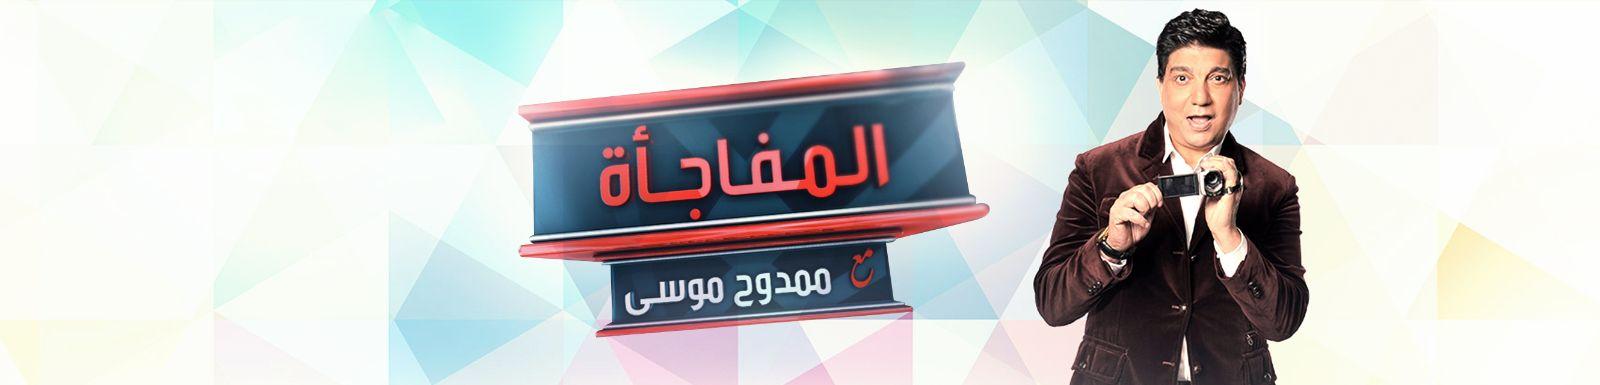 مشاهدة وتحميل برنامج المفاجأة يسرا الجزء الثانى الحلقة 32 كاملة 2015